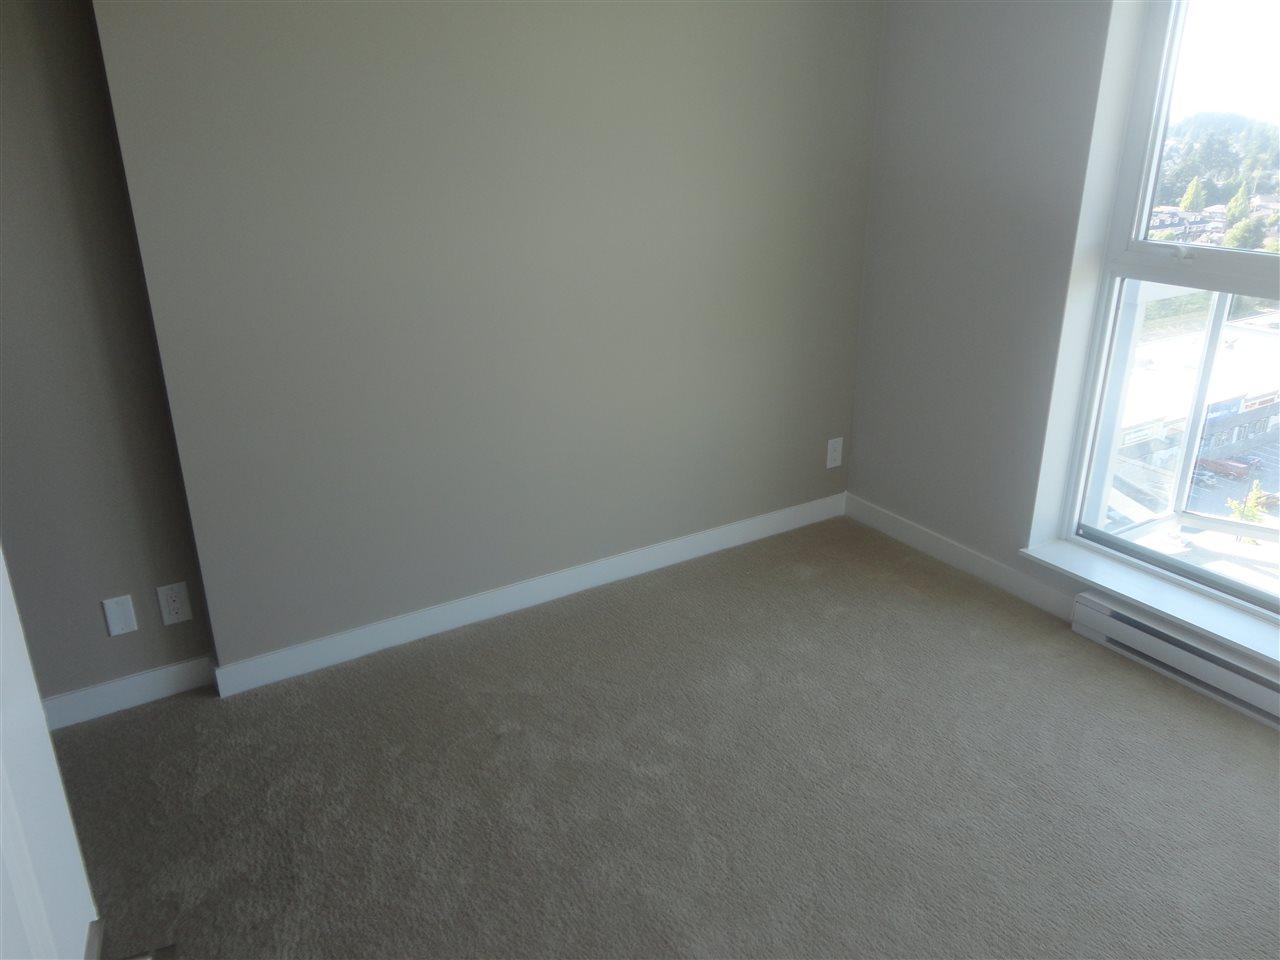 Condo Apartment at 1503 11941 80 AVENUE, Unit 1503, N. Delta, British Columbia. Image 2